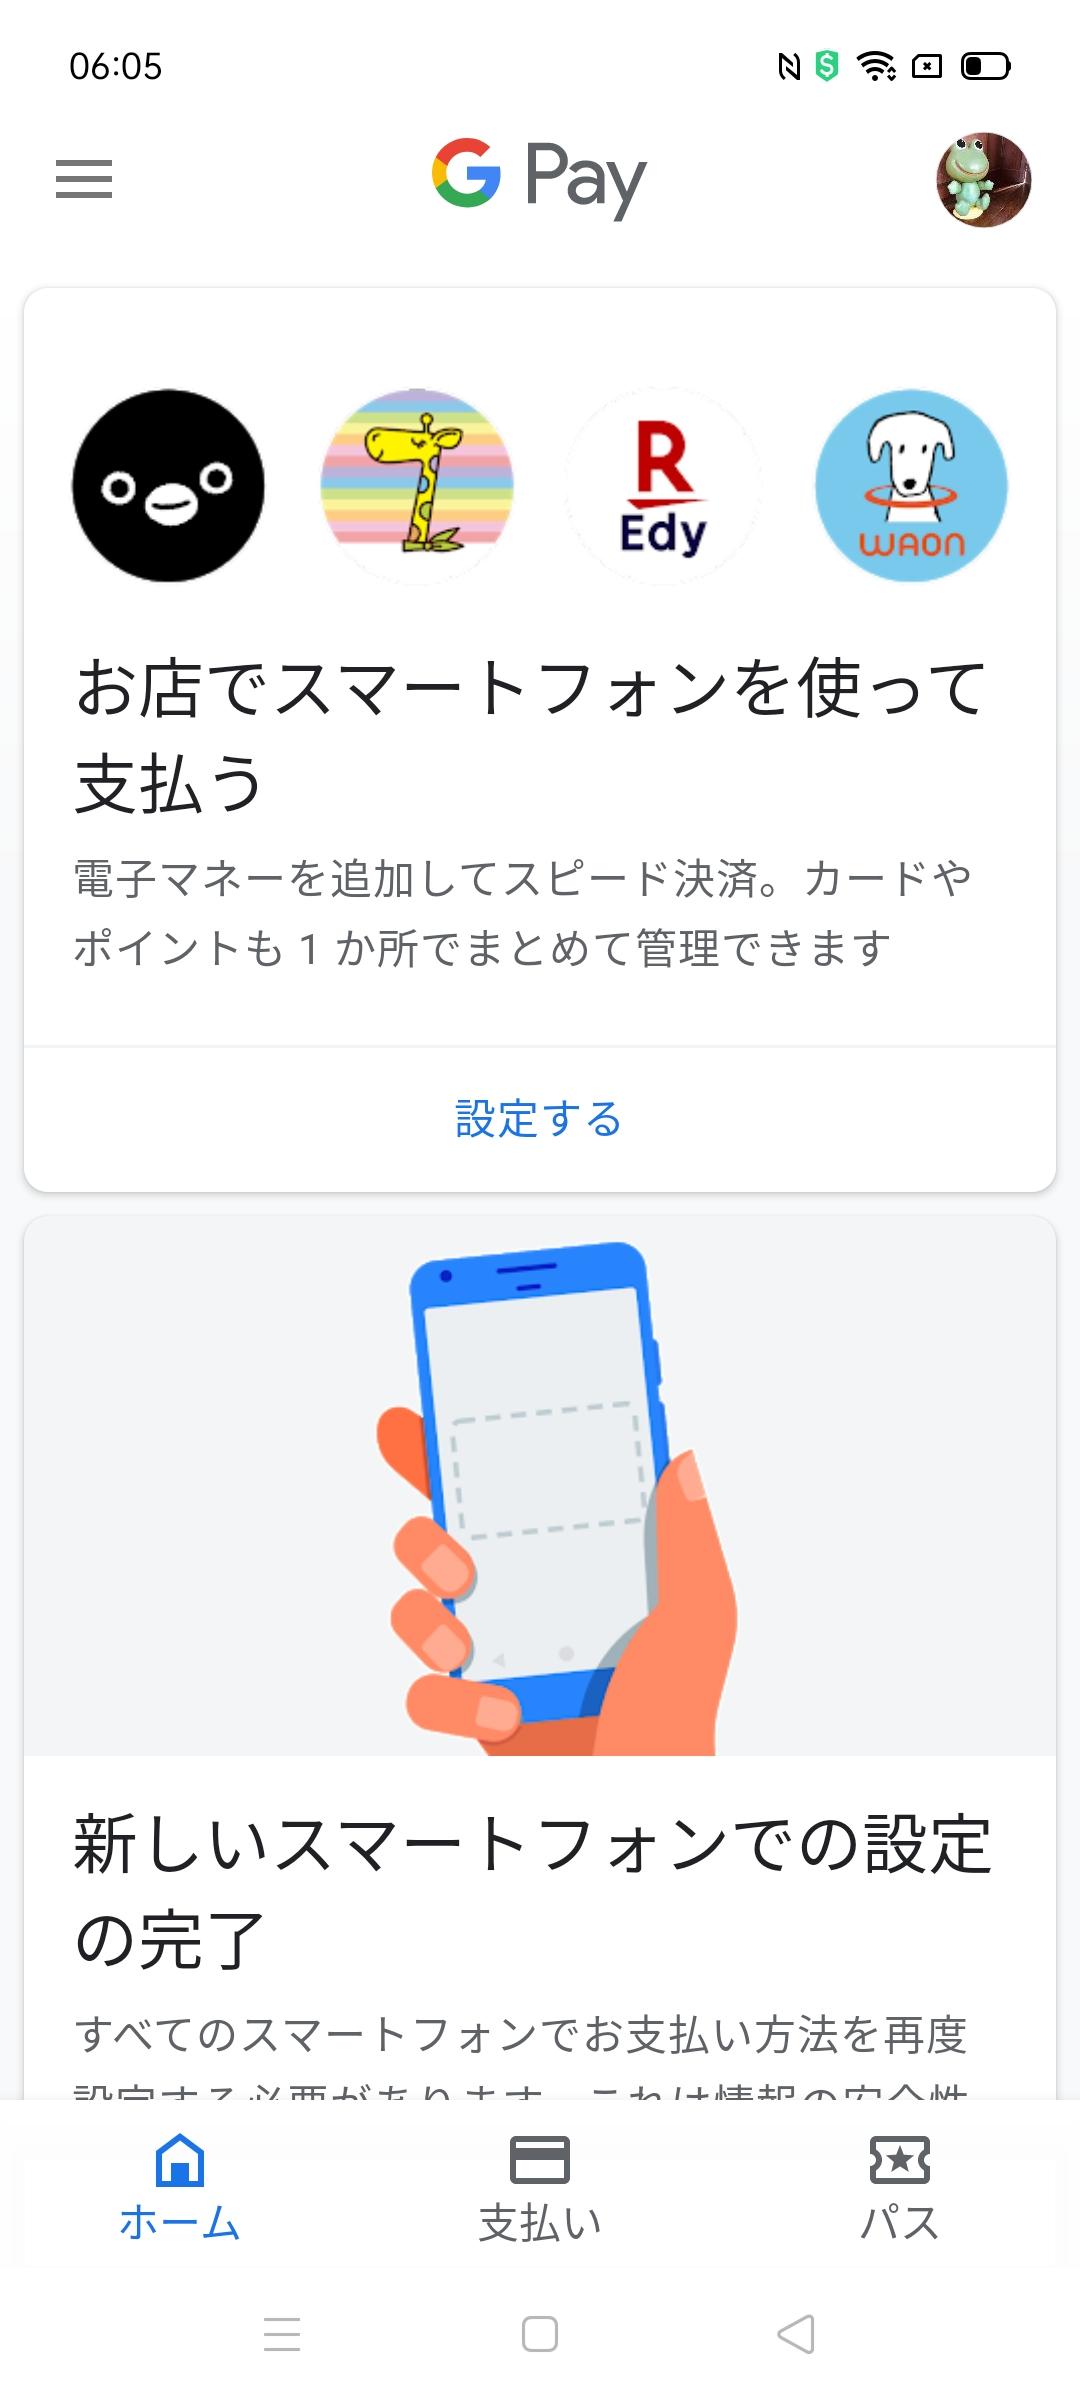 f:id:Azusa_Hirano:20200702063100j:plain